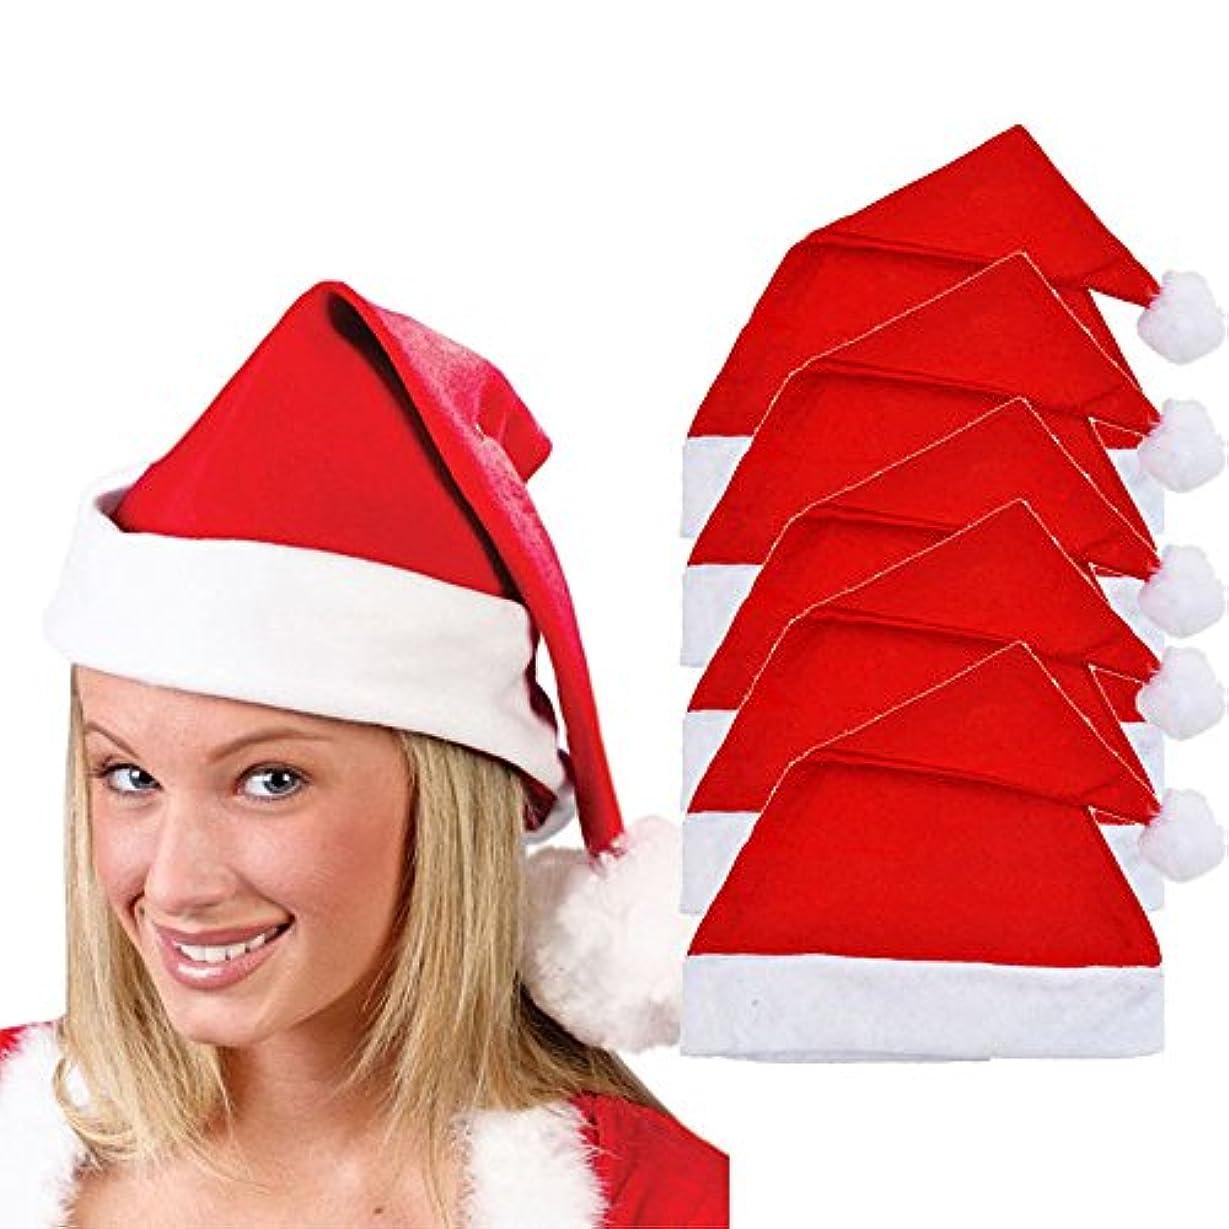 毒性軍艦落ち着くRacazing クリスマスハット 5つの レッド Hat ライト ドームキャップ 防寒対策 通気性のある 防風 ニット帽 暖かい 軽量 屋外 スキー 自転車 クリスマス 男女兼用 Christmas Cap